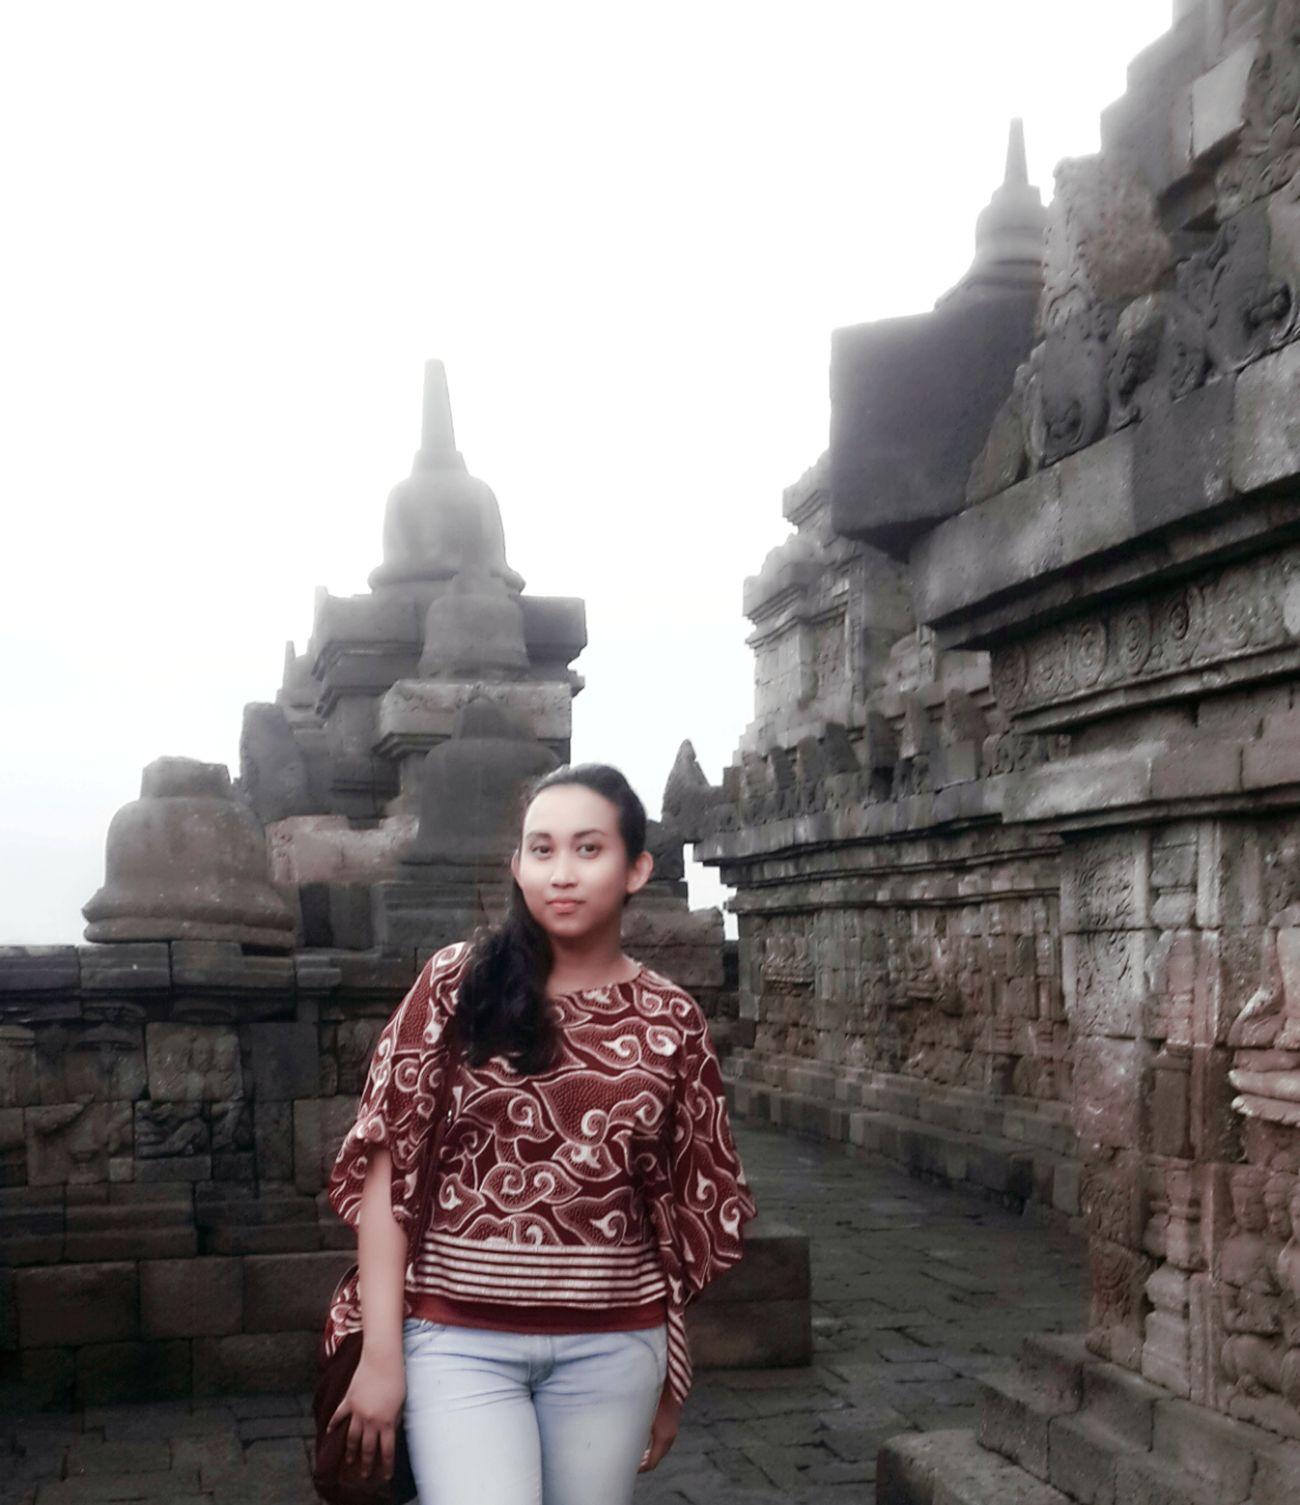 Proud wearing Batik Amazing Indonesia Amazing Architecture Borobudur Temple, Indonesia 7 Wonders Of The World